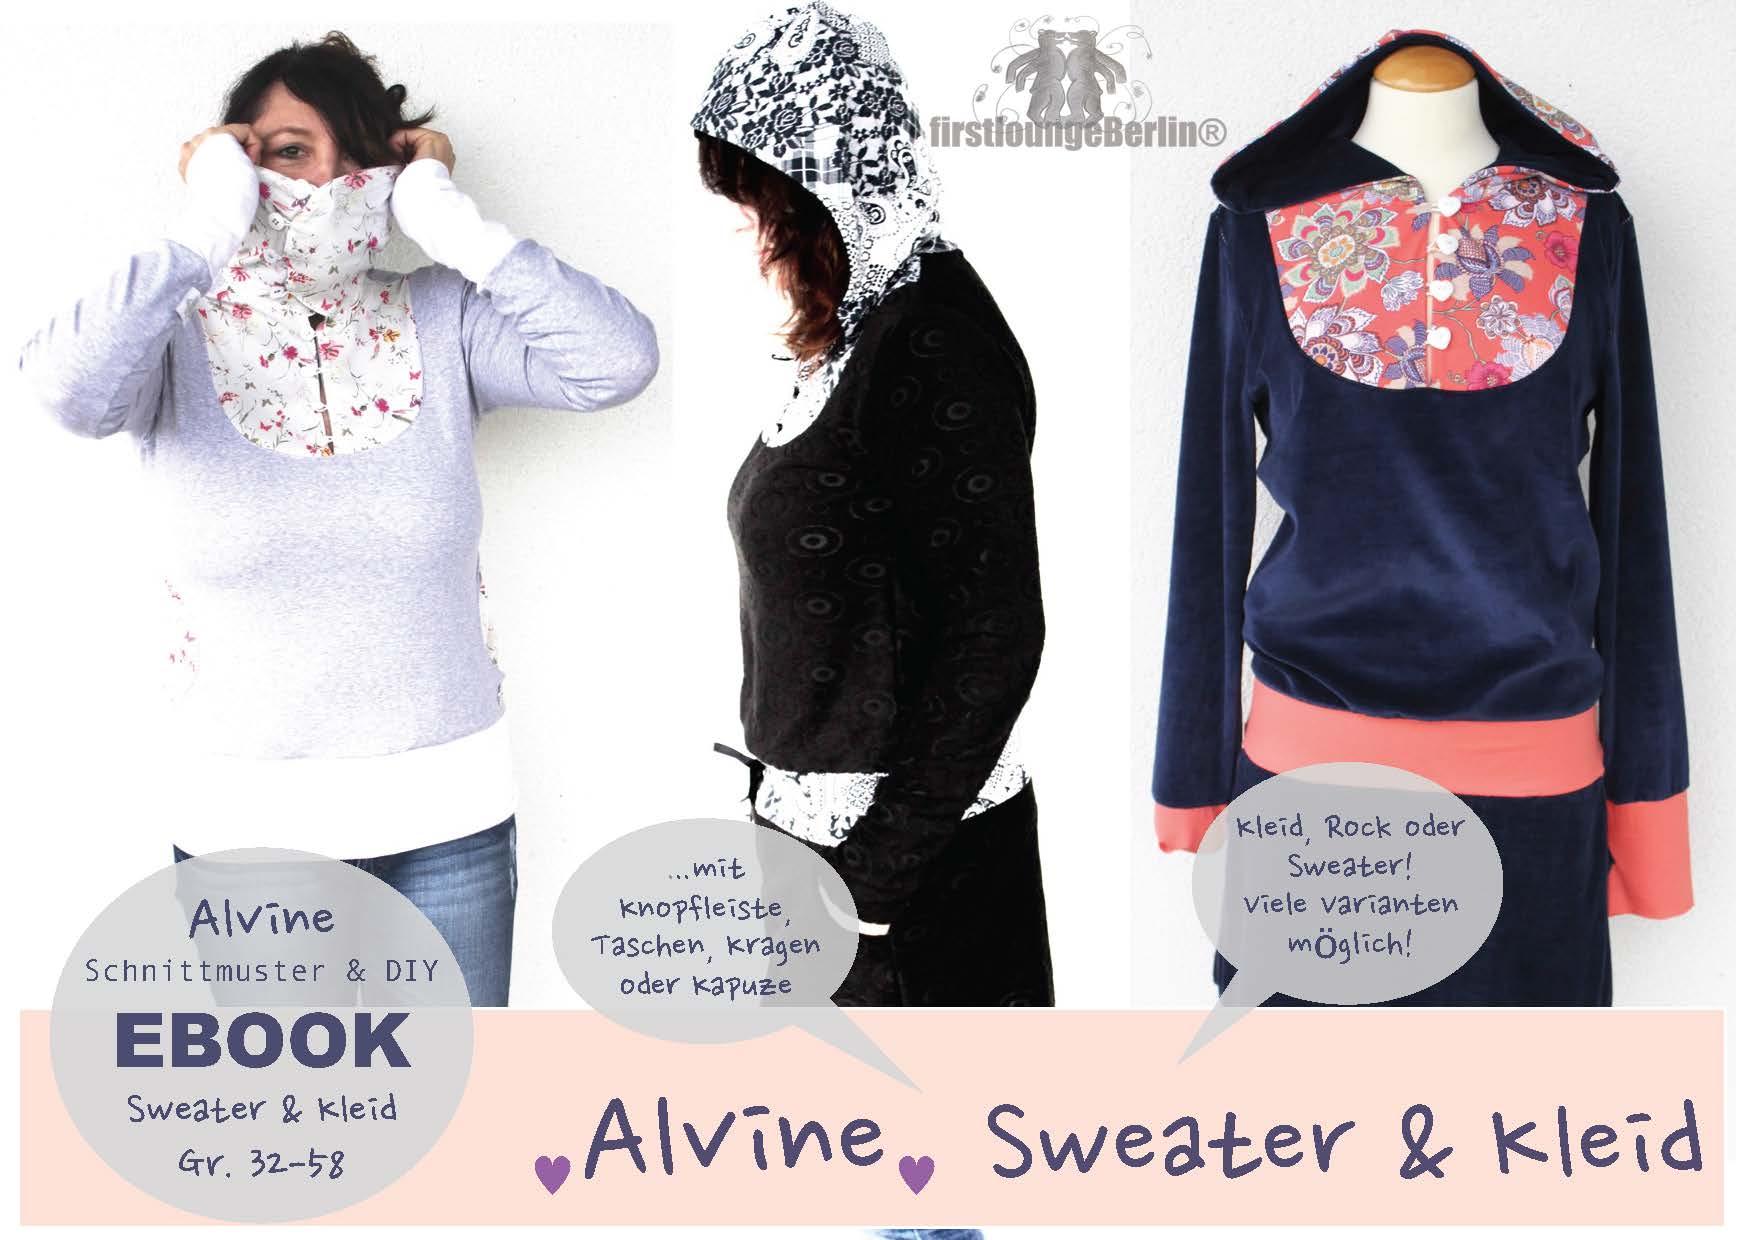 Alvine Sweater, Rock & Kleid in 14 Größen 32-58 Schnittmuster & Nähanleitung [Download]